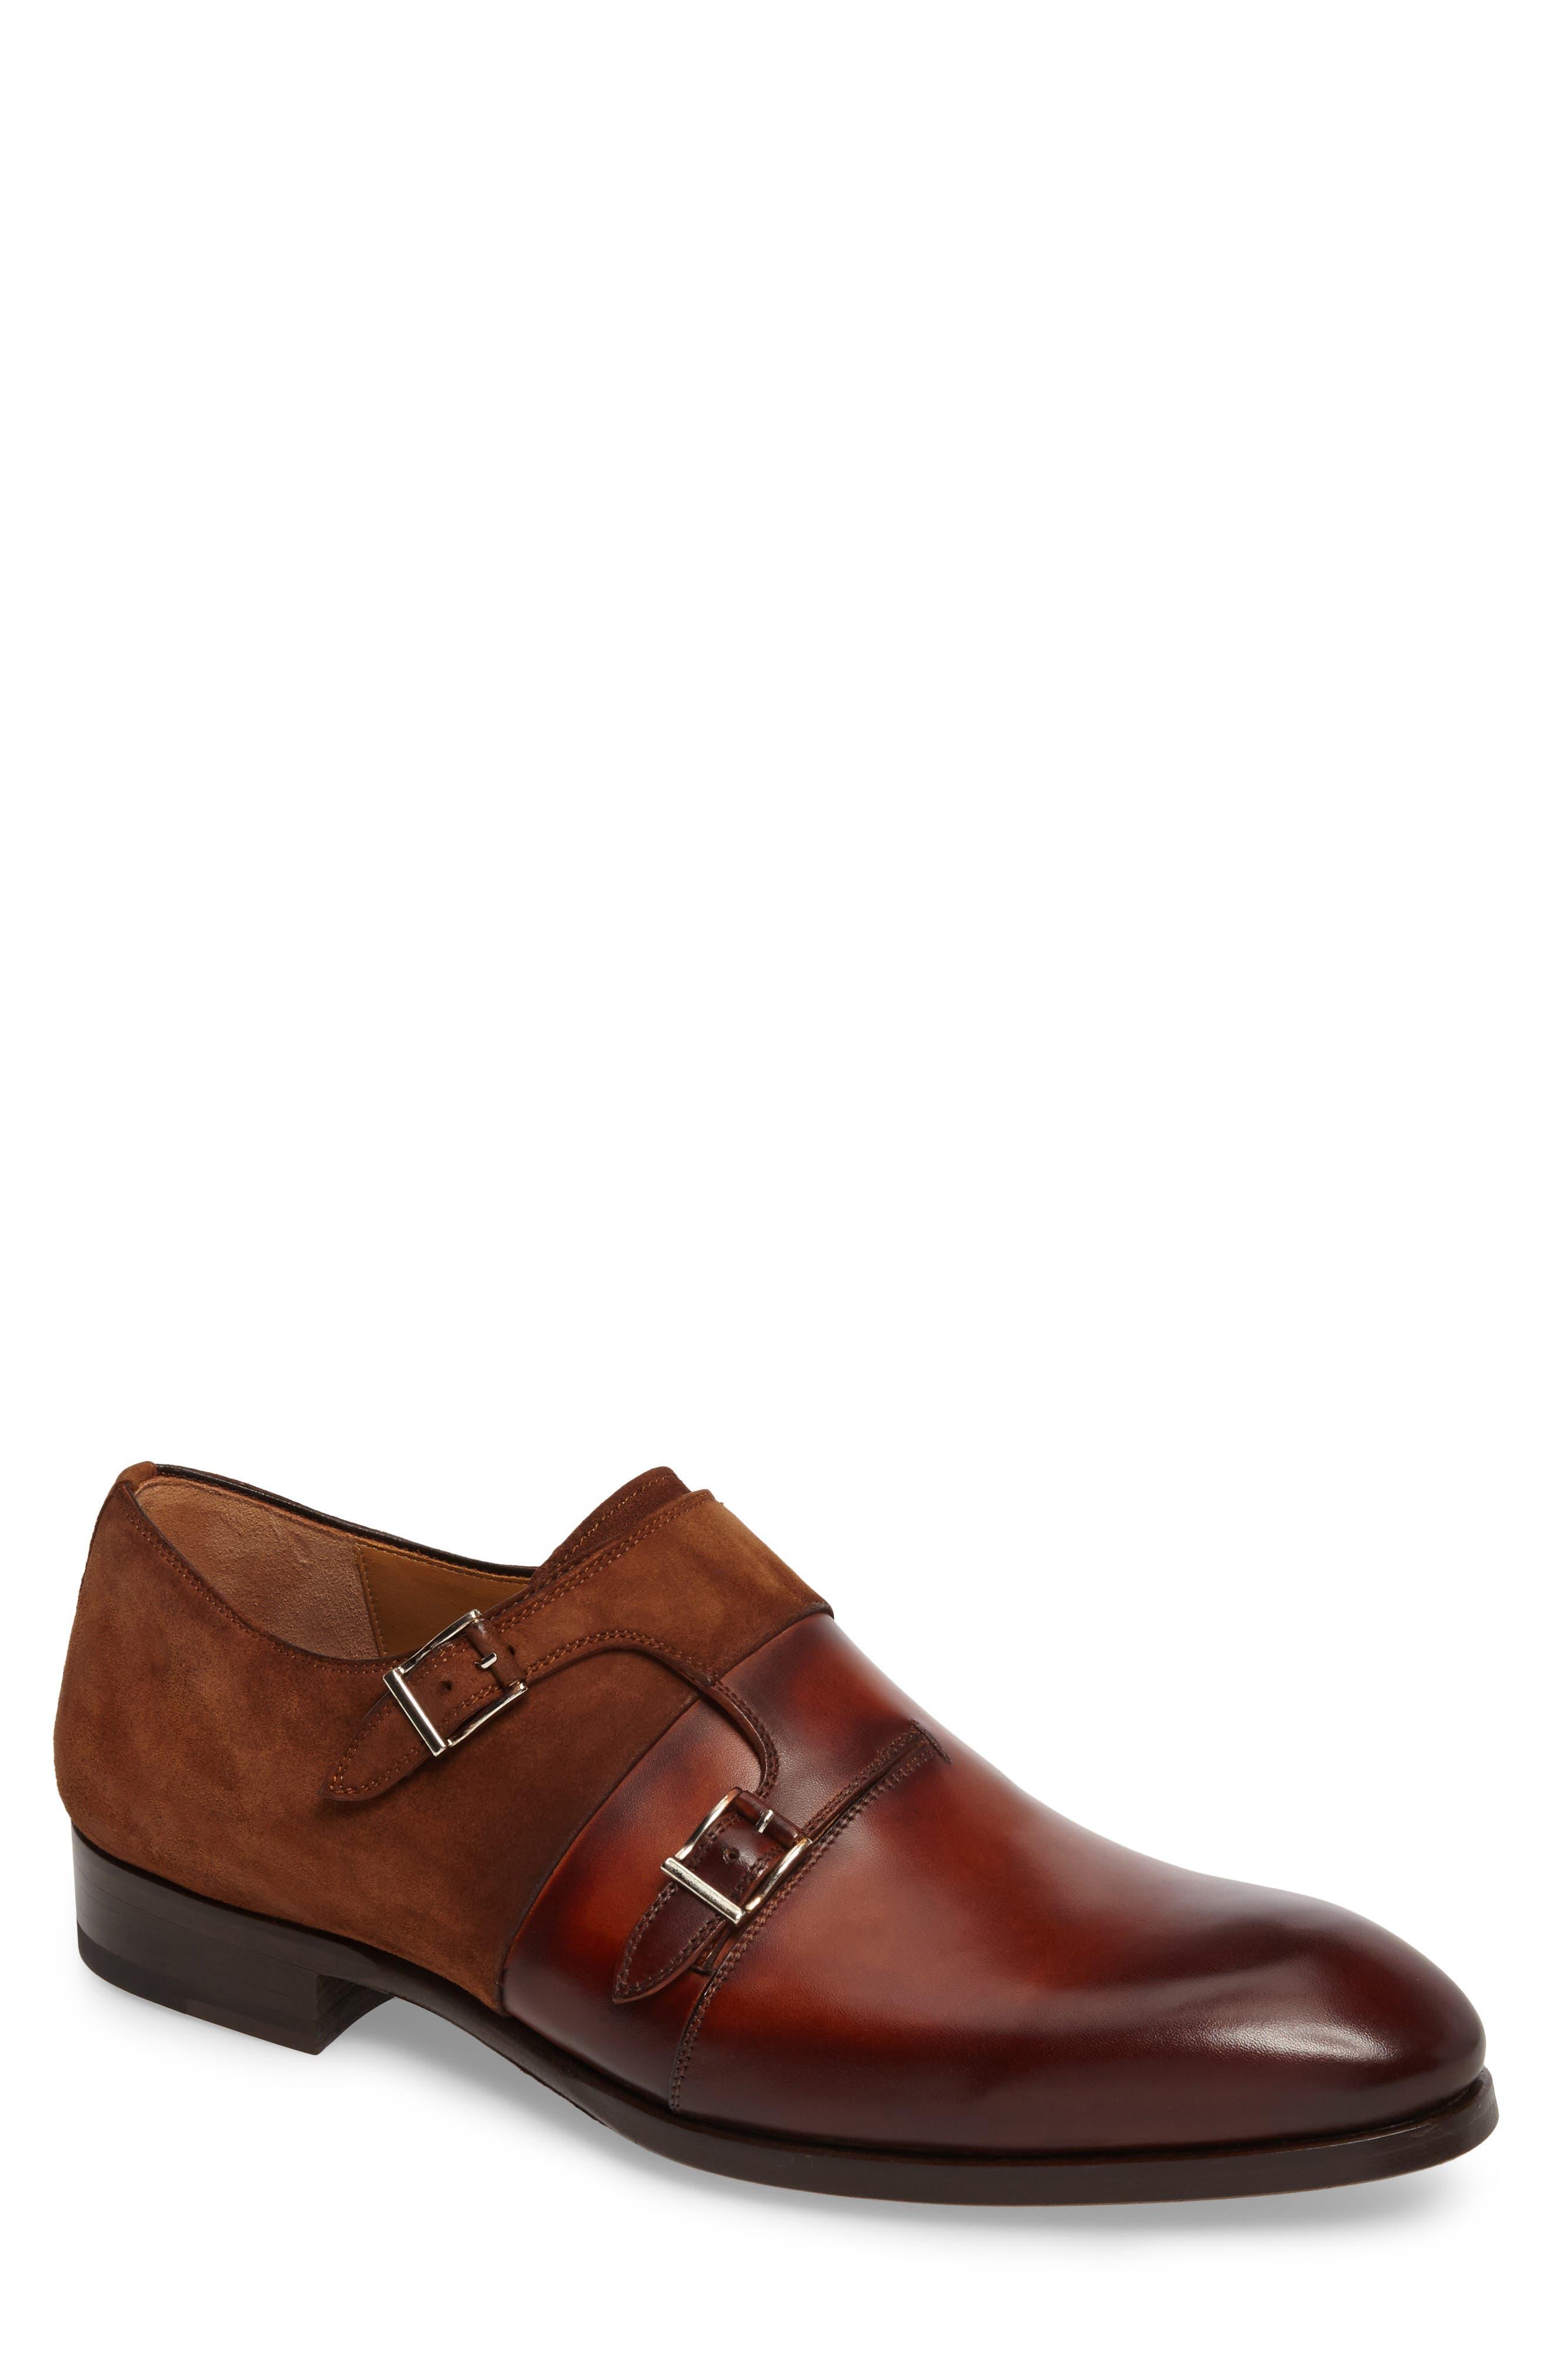 MAGNANNI Orville Double Monk Strap Shoe